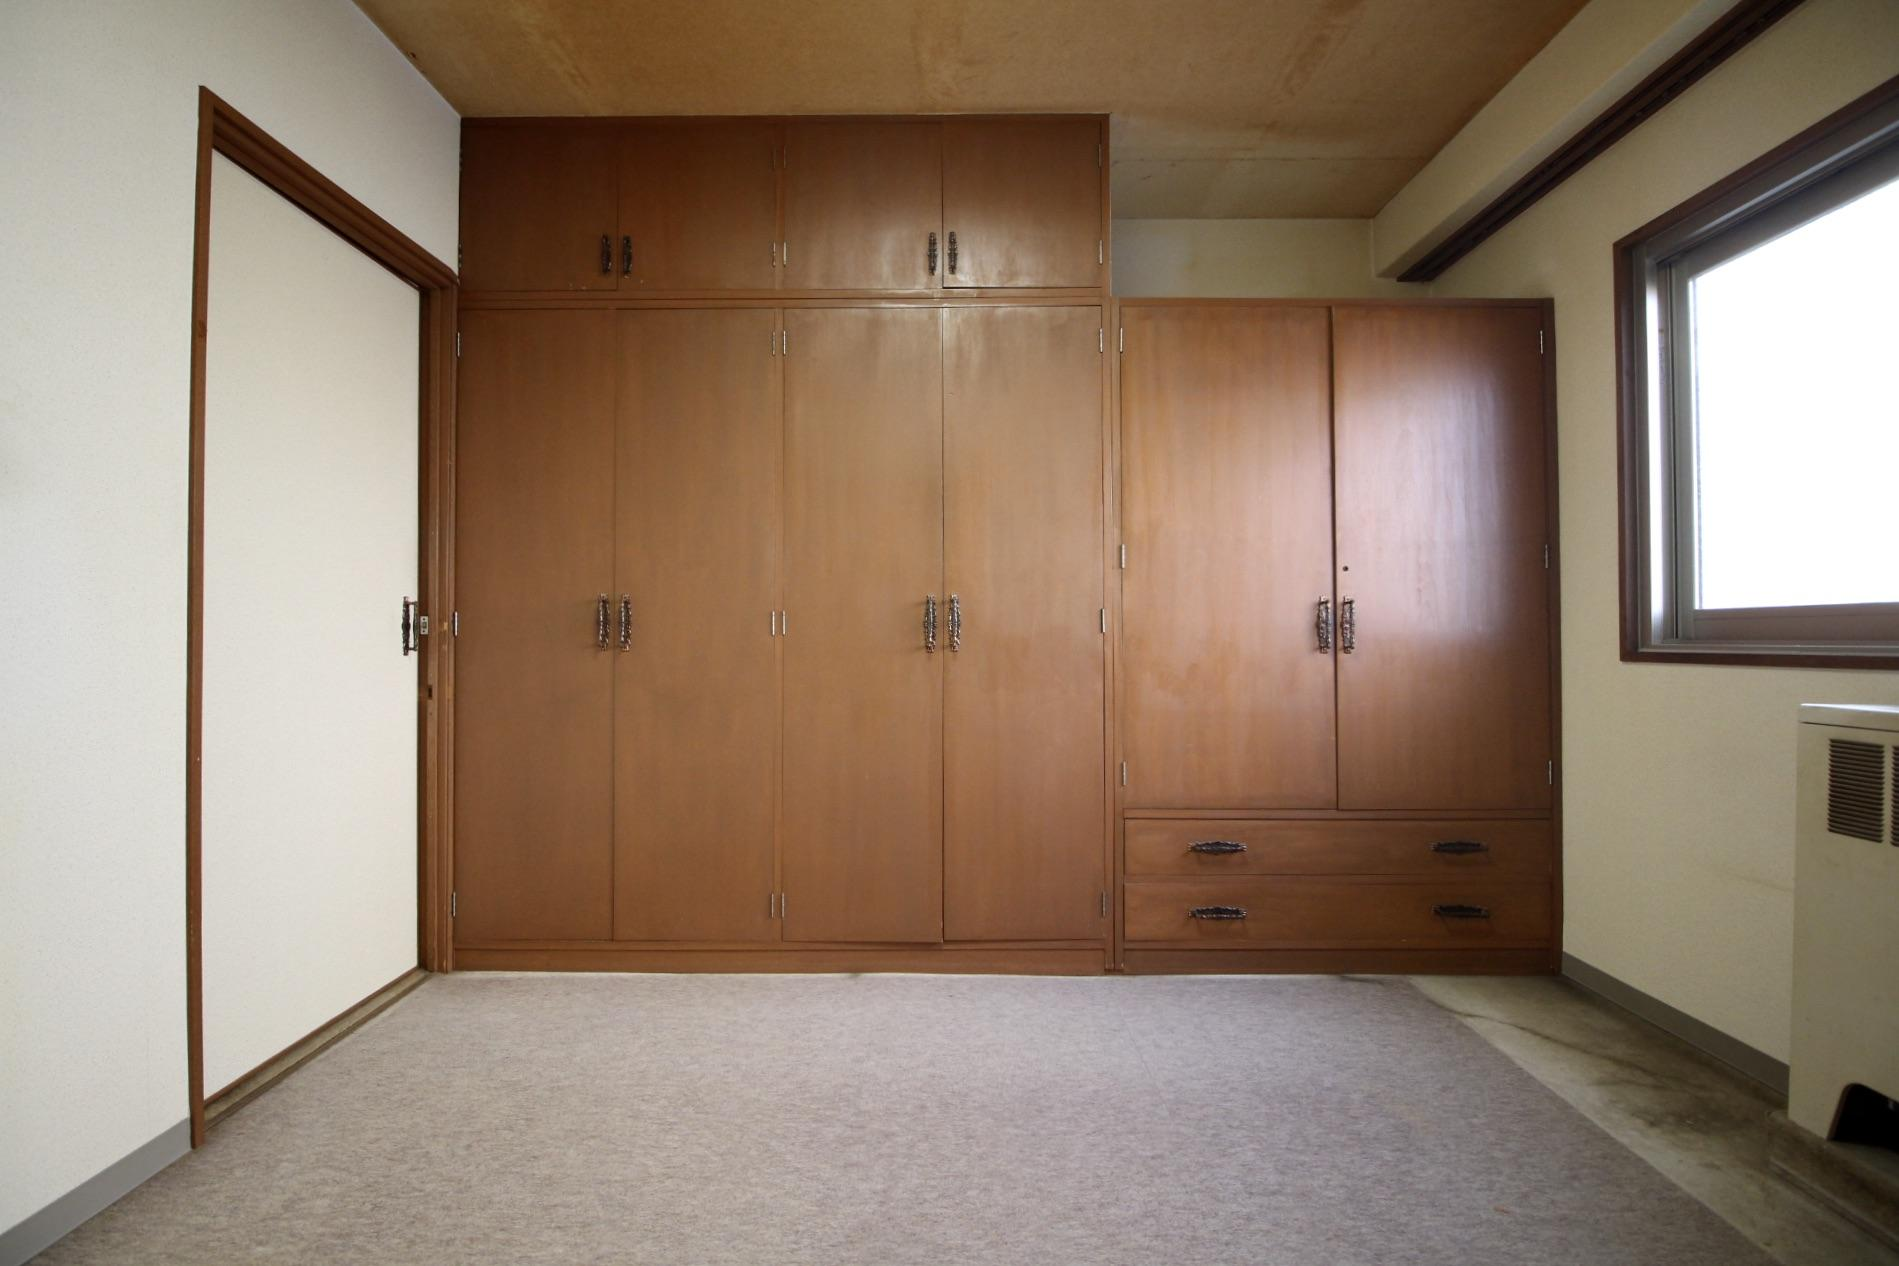 東側洋室のレトロな収納は活かしたい